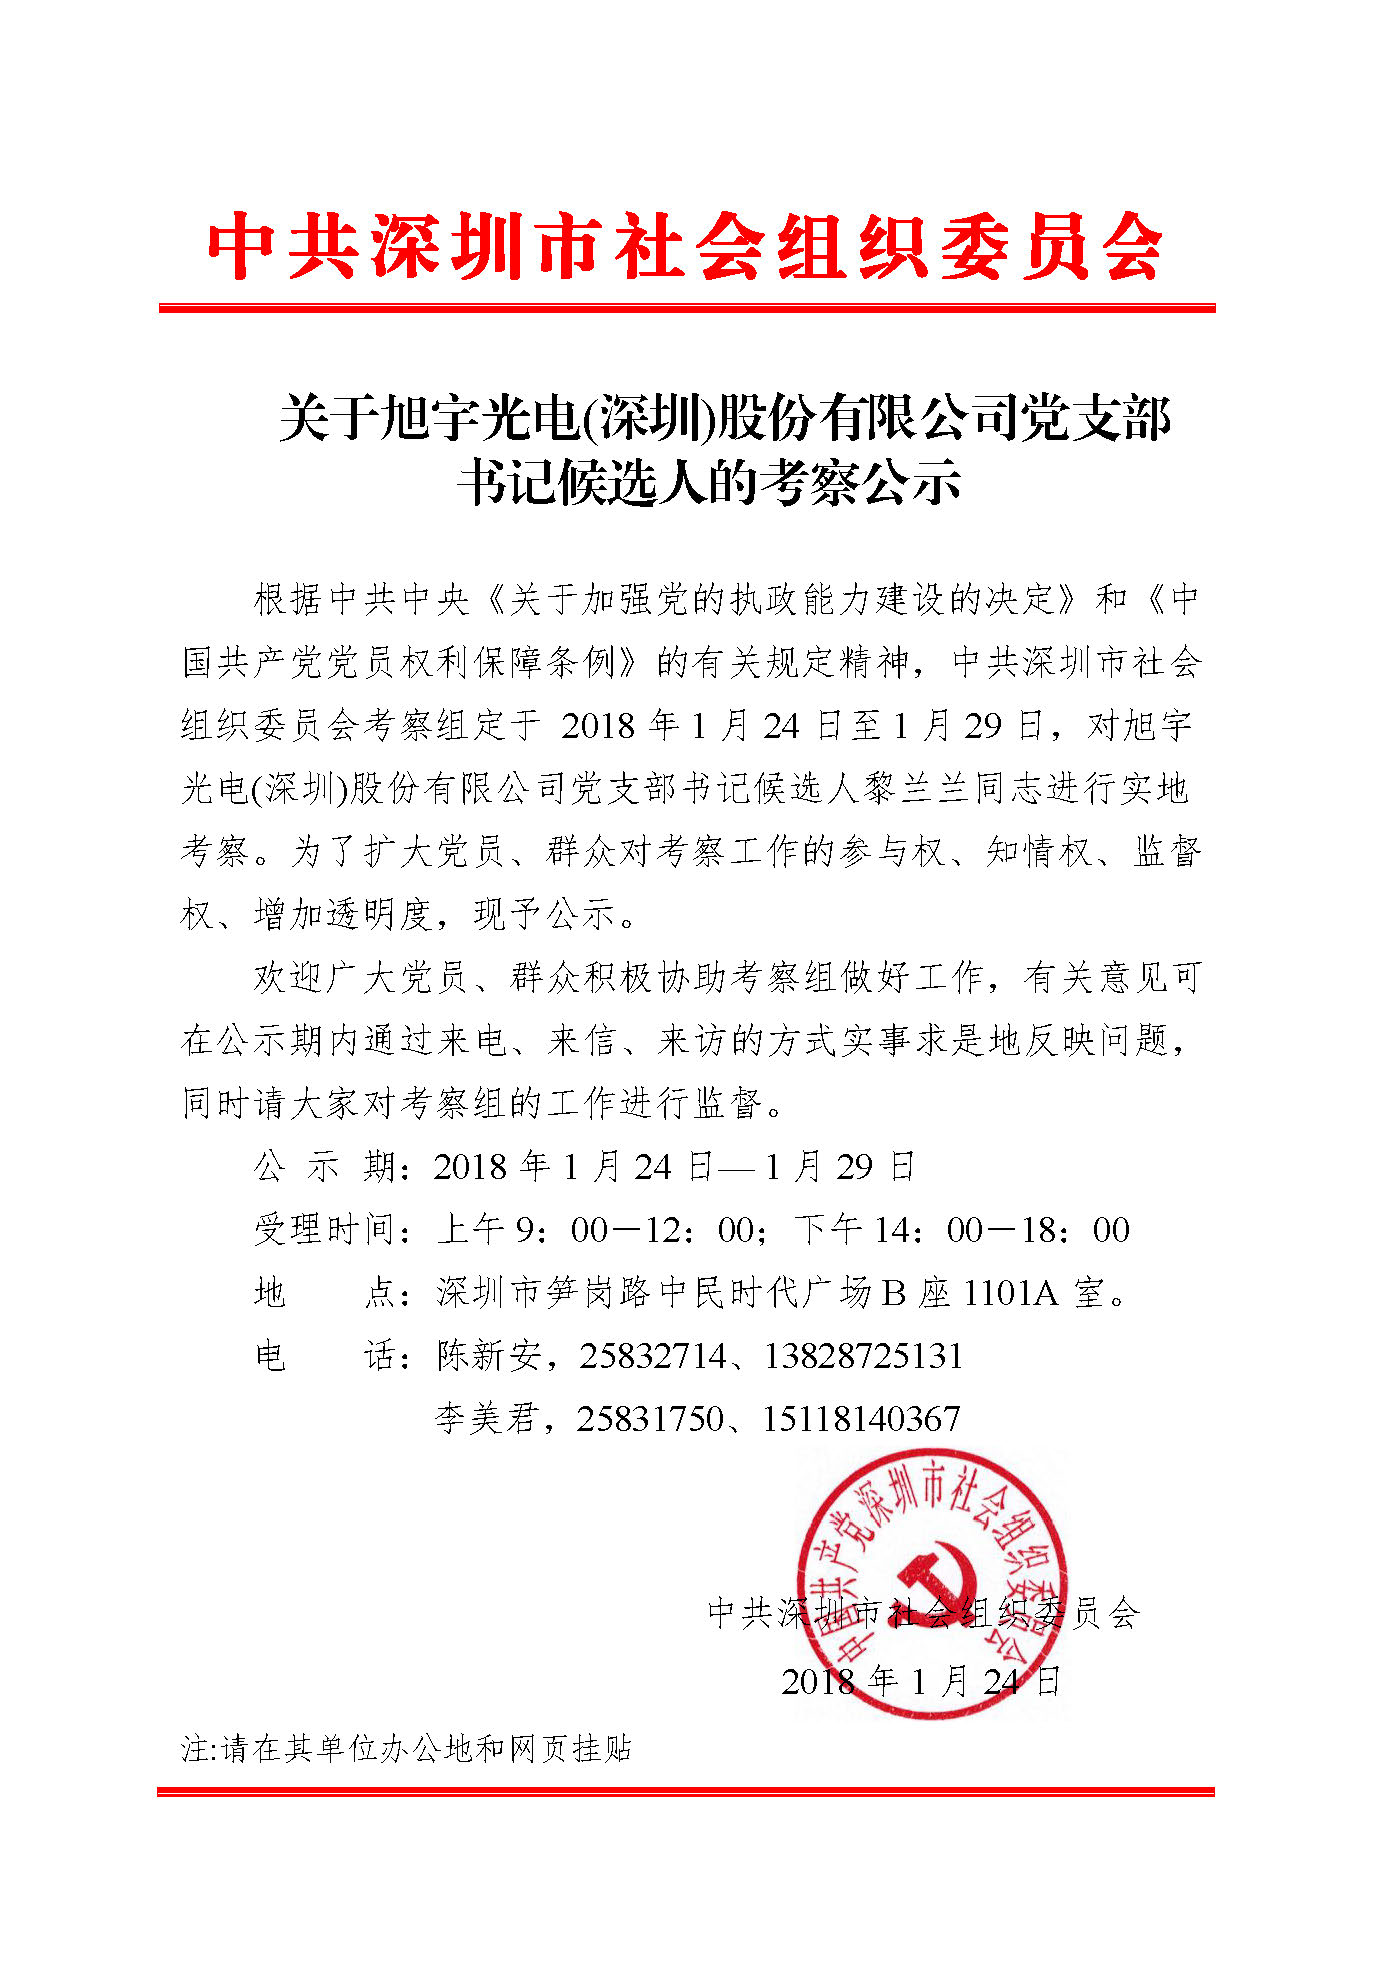 旭宇光电(深圳)股份有限公司党支部书记候选人的考察公示